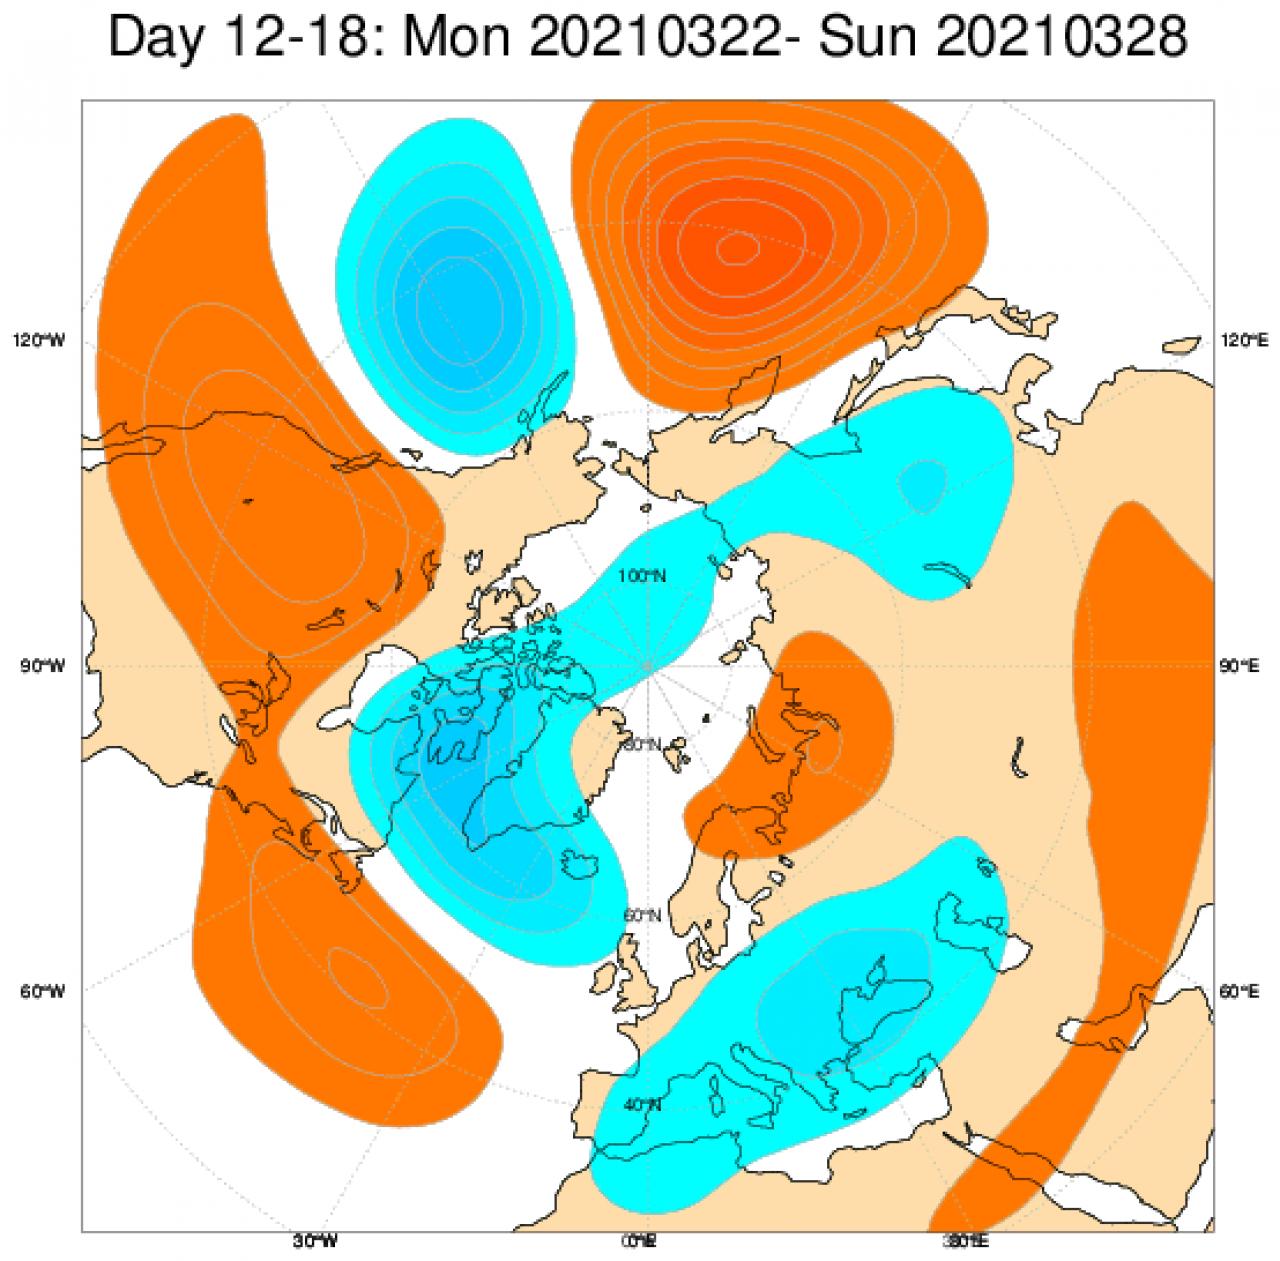 Anomalie di geopotenziale (in blu negative, in arancione positive) secondo il modello ECMWF mediate per il periodo 22-28 marzo